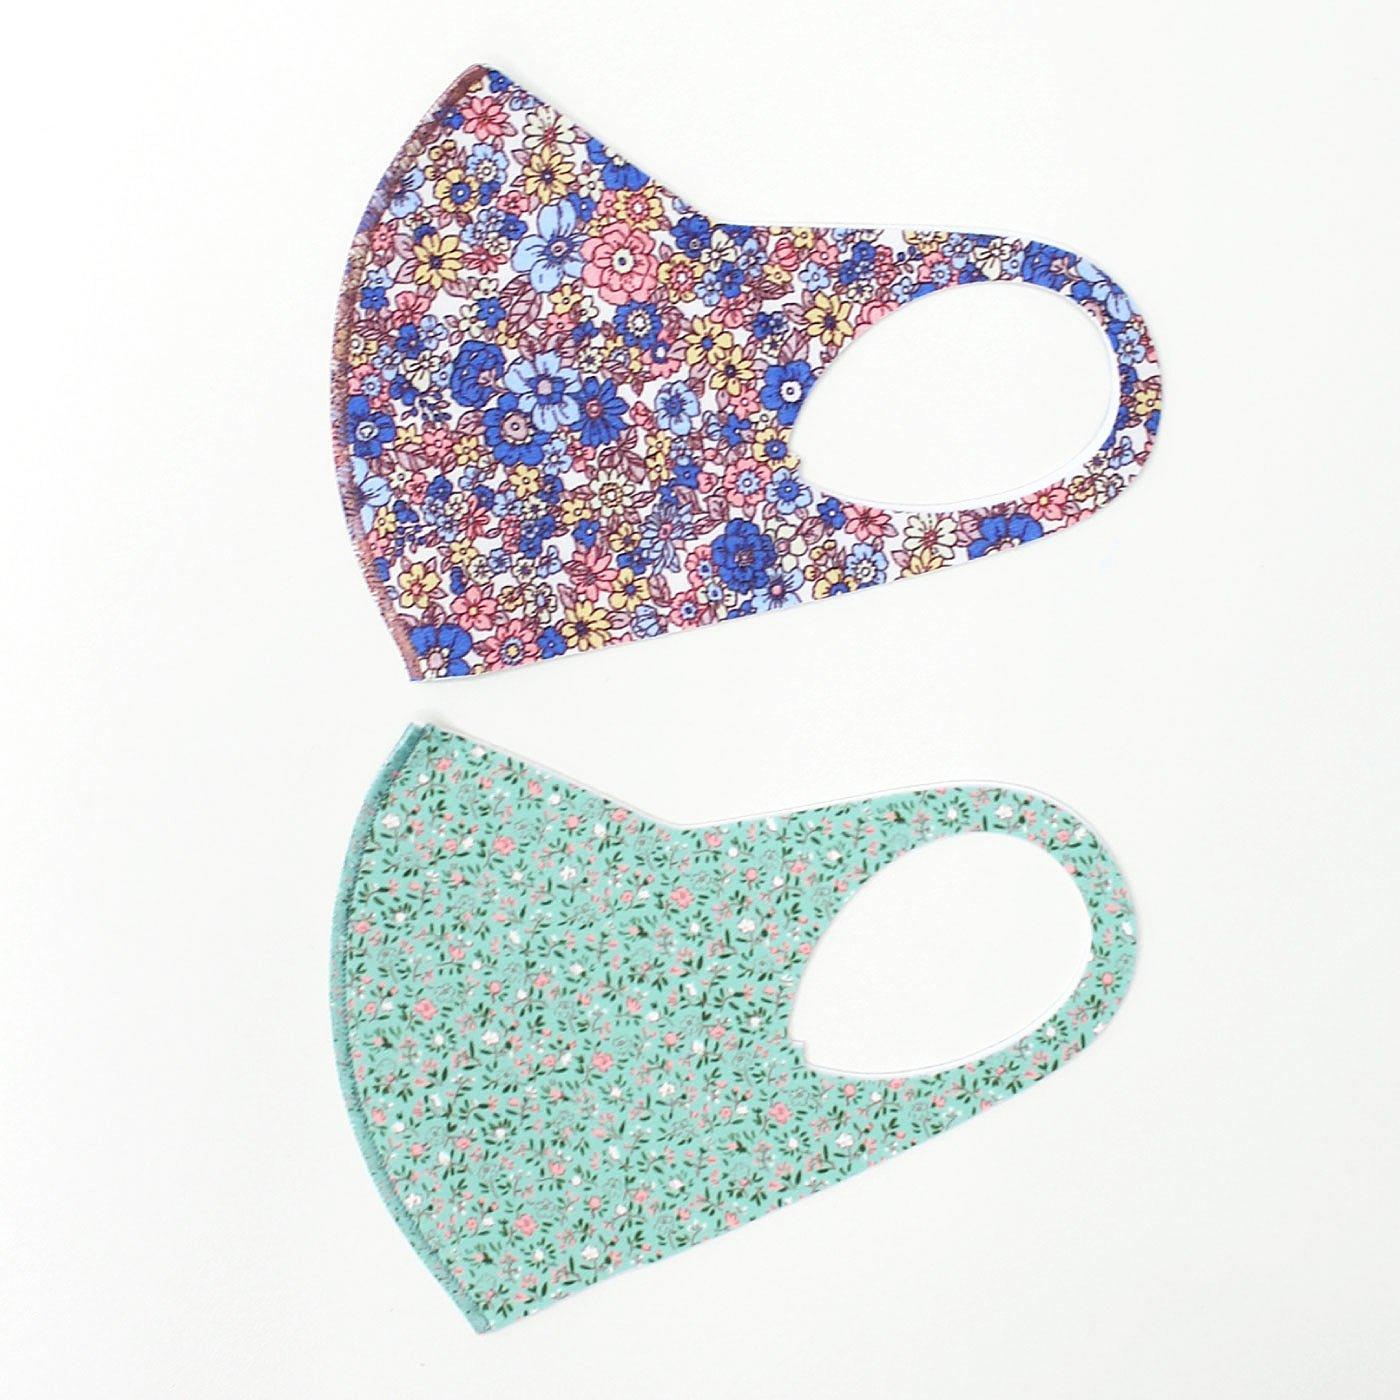 【WEB限定】IEDIT[イディット] つけると気持ちが明るくなりそうな 小花柄がかわいいプリント布マスク